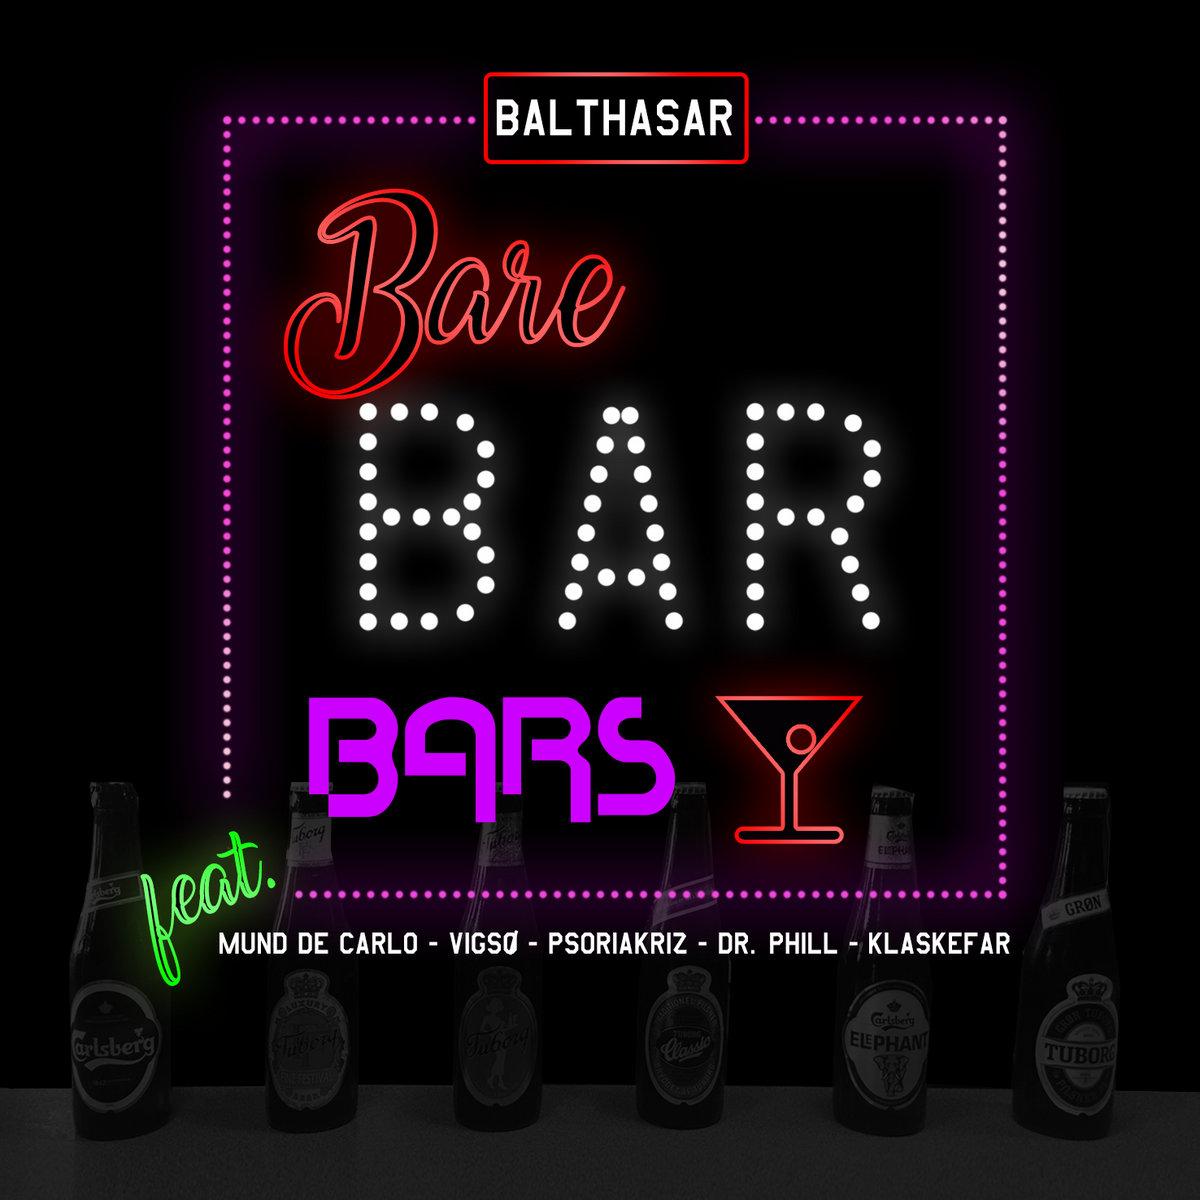 Bare Bar Bars (feat  Mund de Carlo, Vigsø, Psoriakriz, Dr